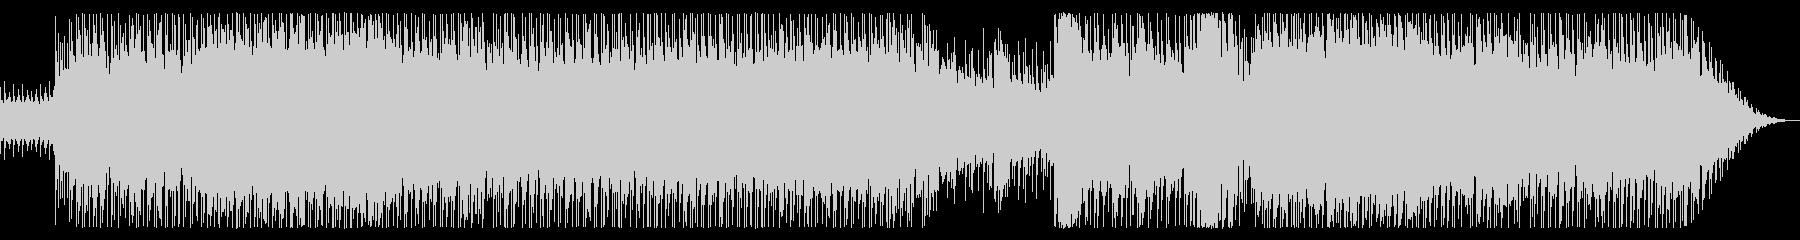 80年代洋楽ポップロック風の未再生の波形